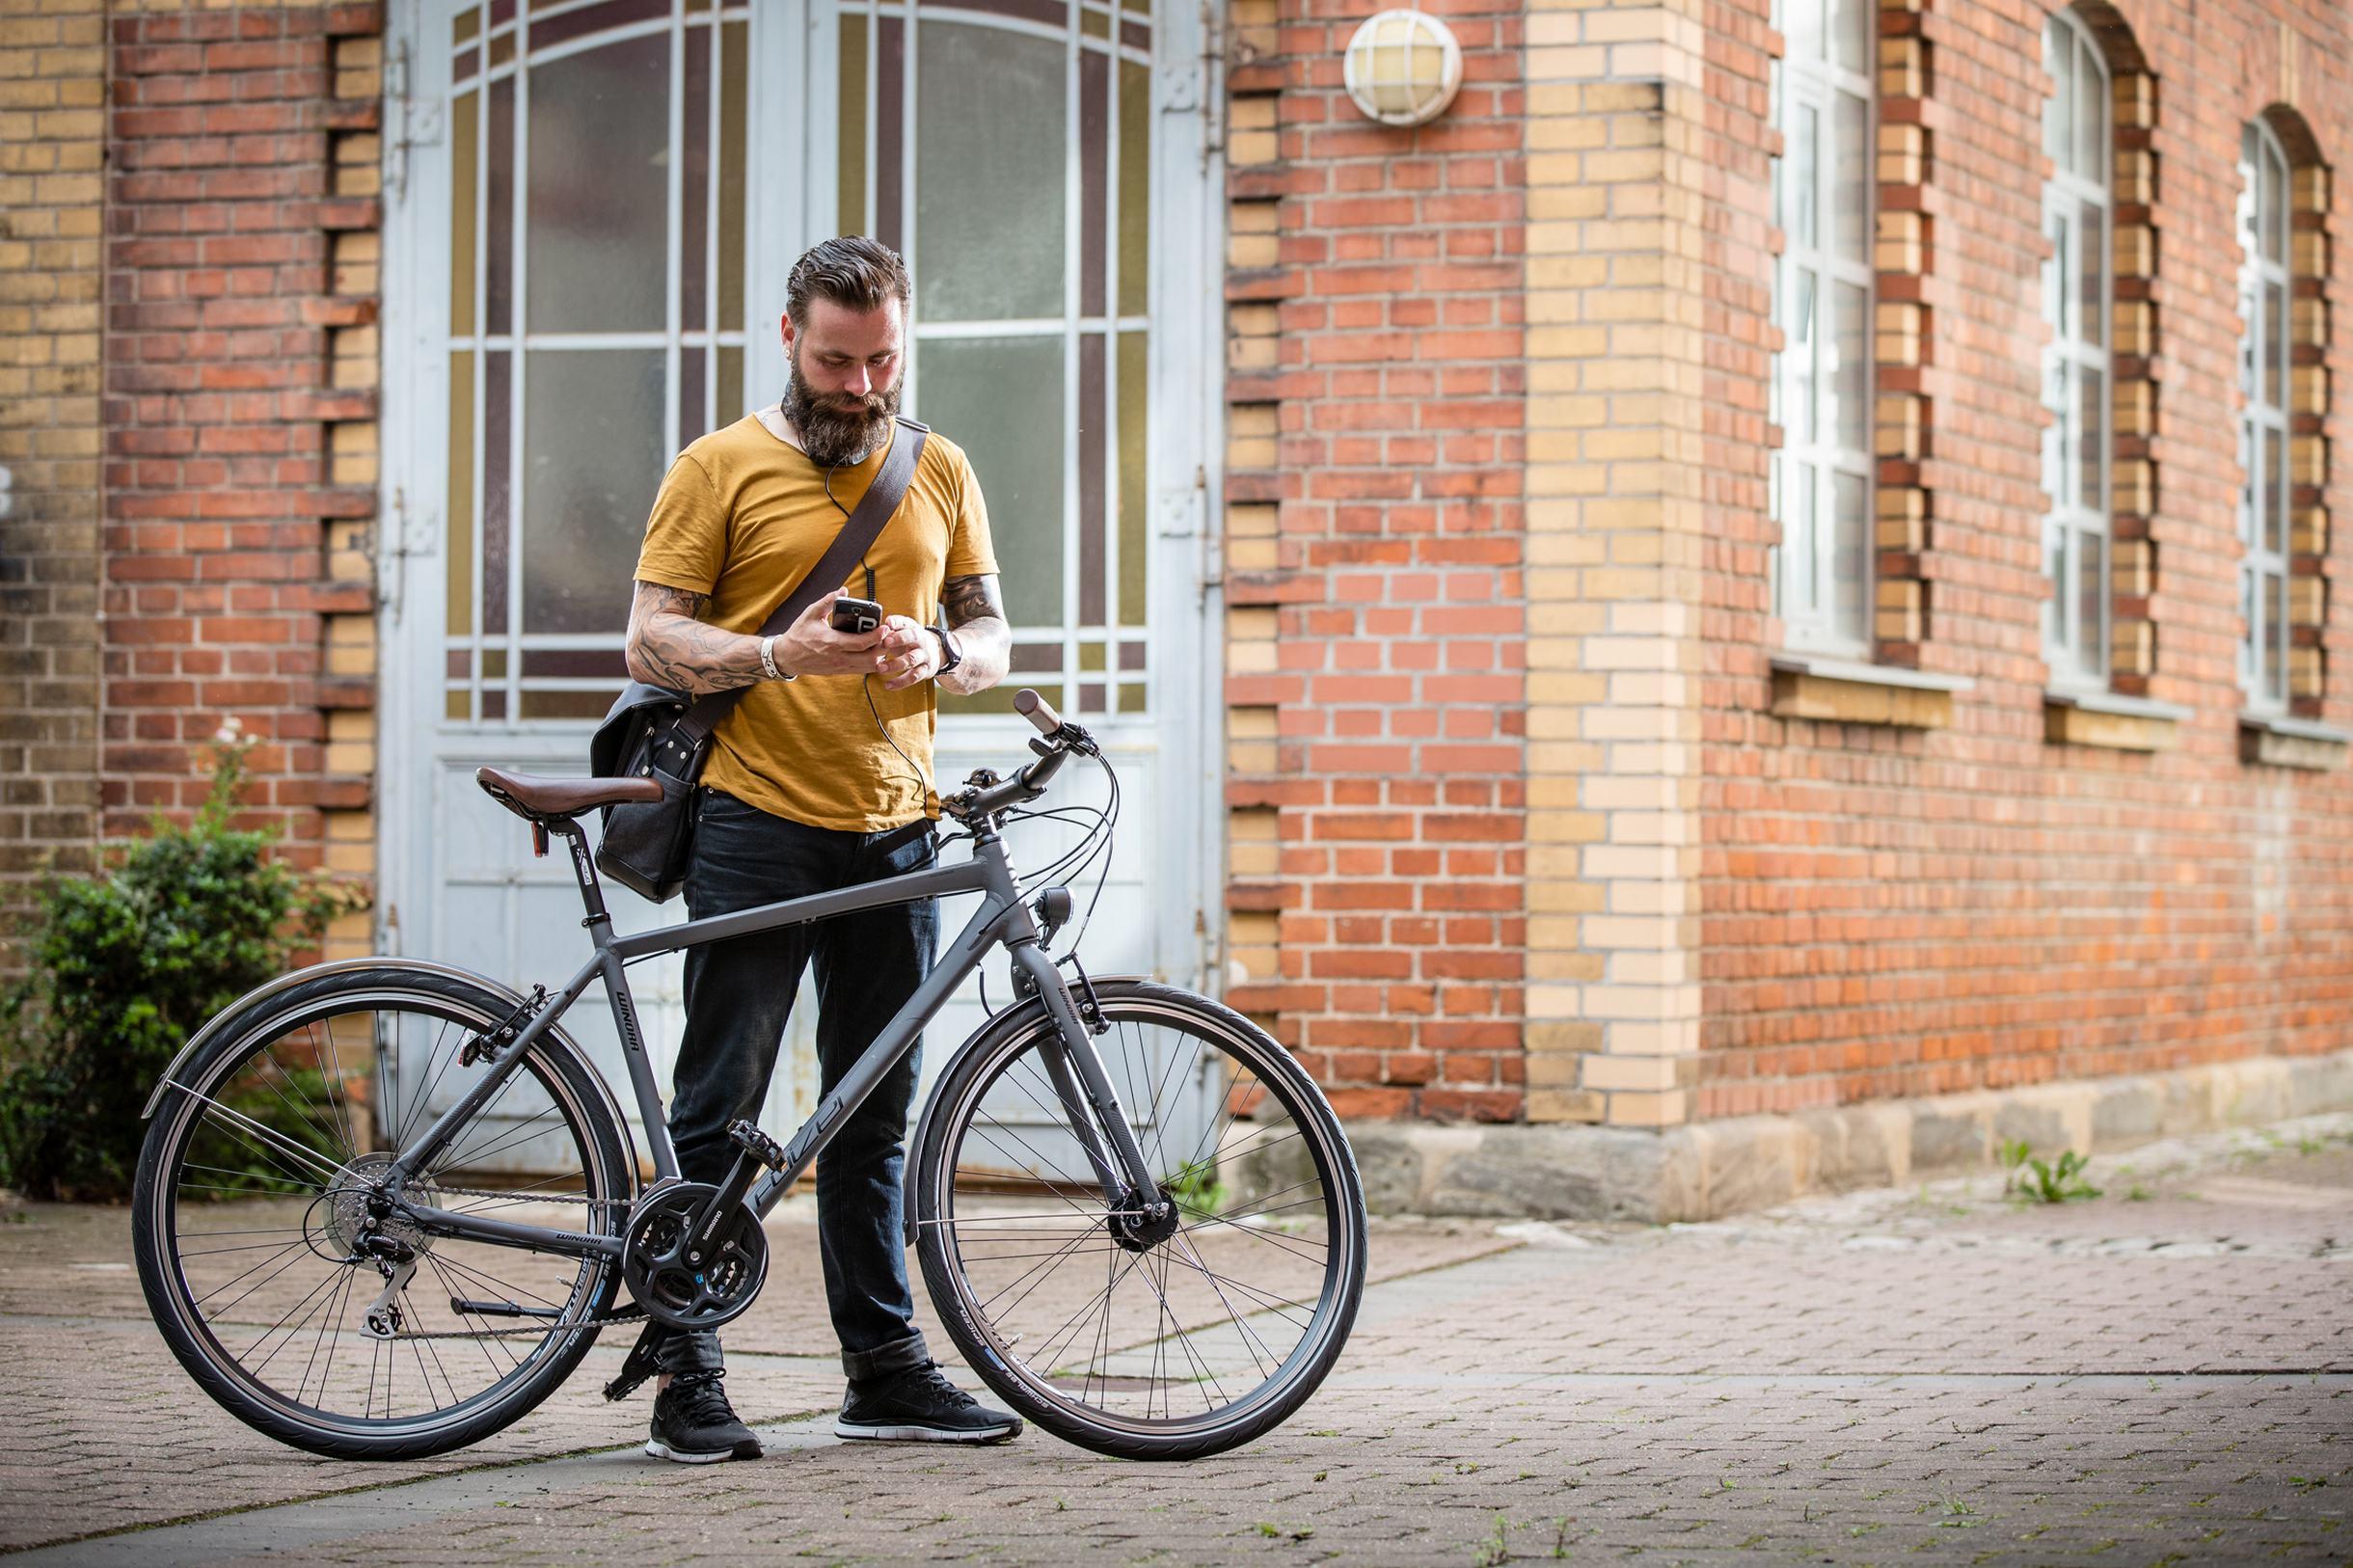 Mann mit grauem Fahrrad steht vor Backsteingebäude und schaut auf sein Handy.